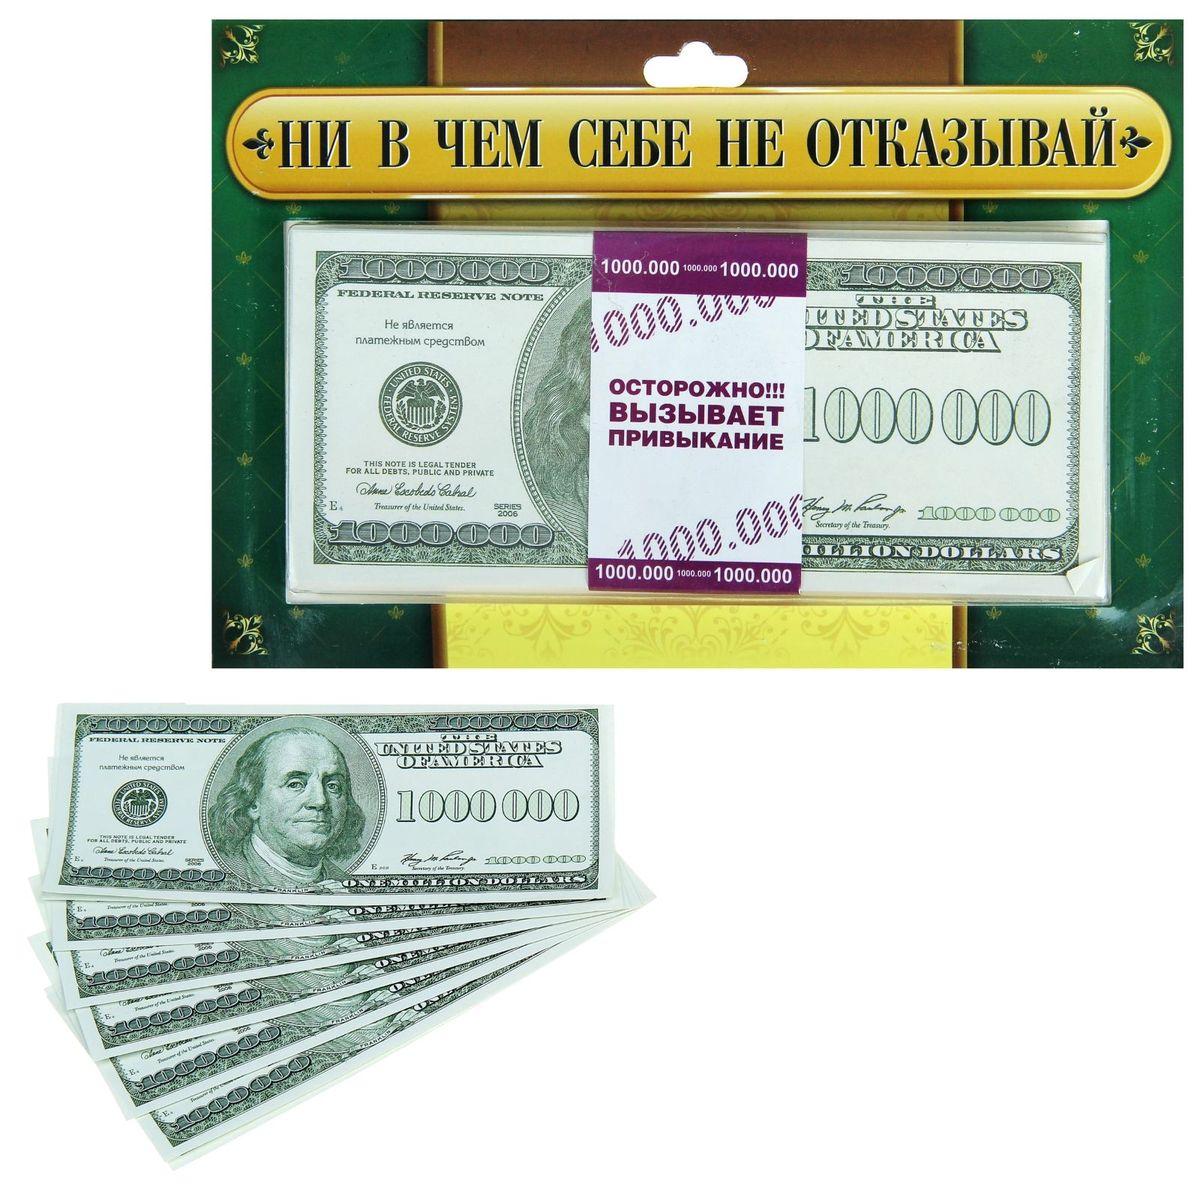 Деньги для выкупа Sima-land Ни в чем себе не отказывай, 15,7 х 6,7 см918528Хотите весело и щедро выкупить невесту? Легко! С вас - боевое настроение, а о деньгах не волнуйтесь! Набор Sima-land Ни в чем себе не отказывай состоит из 100 банкнот номиналом 1000000$. Такие шуточные купюры пригодятся жениху для того, чтобы откупиться от некоторых заданий при выкупе невесты. Подойдут также и для проведения свадебных конкурсов. Размер купюры: 15,7 х 6,7 см.